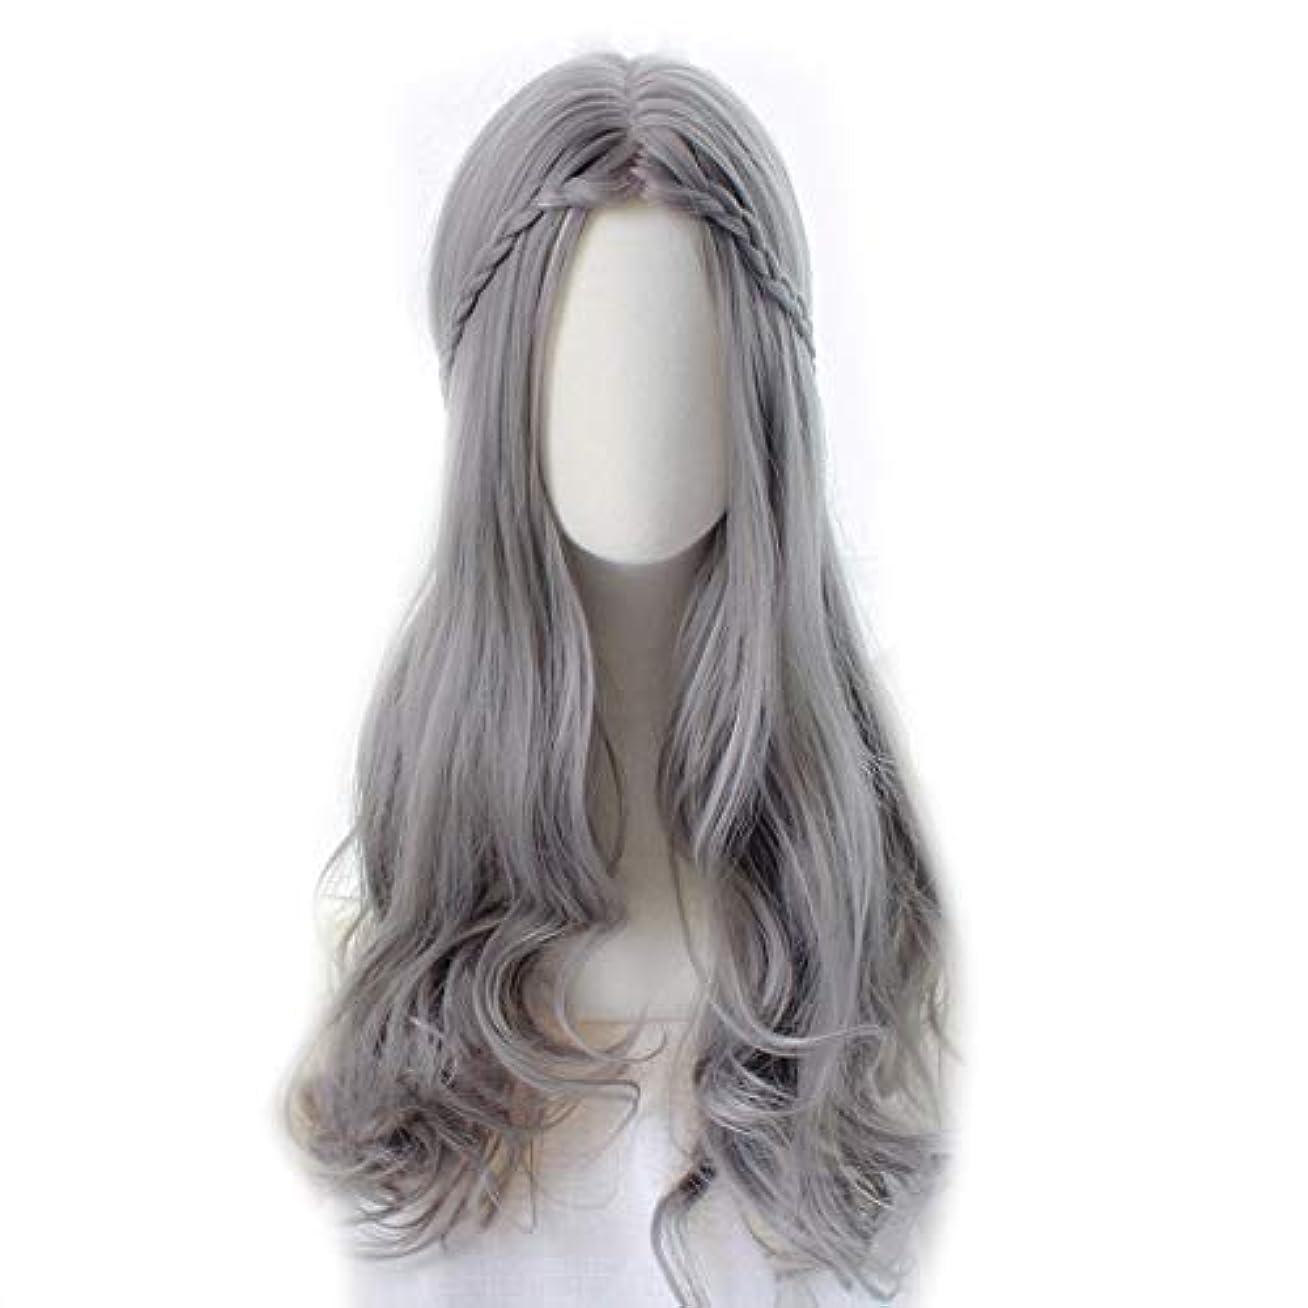 彼らまたはどちらか更新WASAIO 女性のロリータシルバーグレーウィッグロングカーリーヘアウィッグアクセサリー用スタイルReplacementfor女の子合成コスプレパーティーと前髪 (色 : Silver grey, サイズ : 55cm)